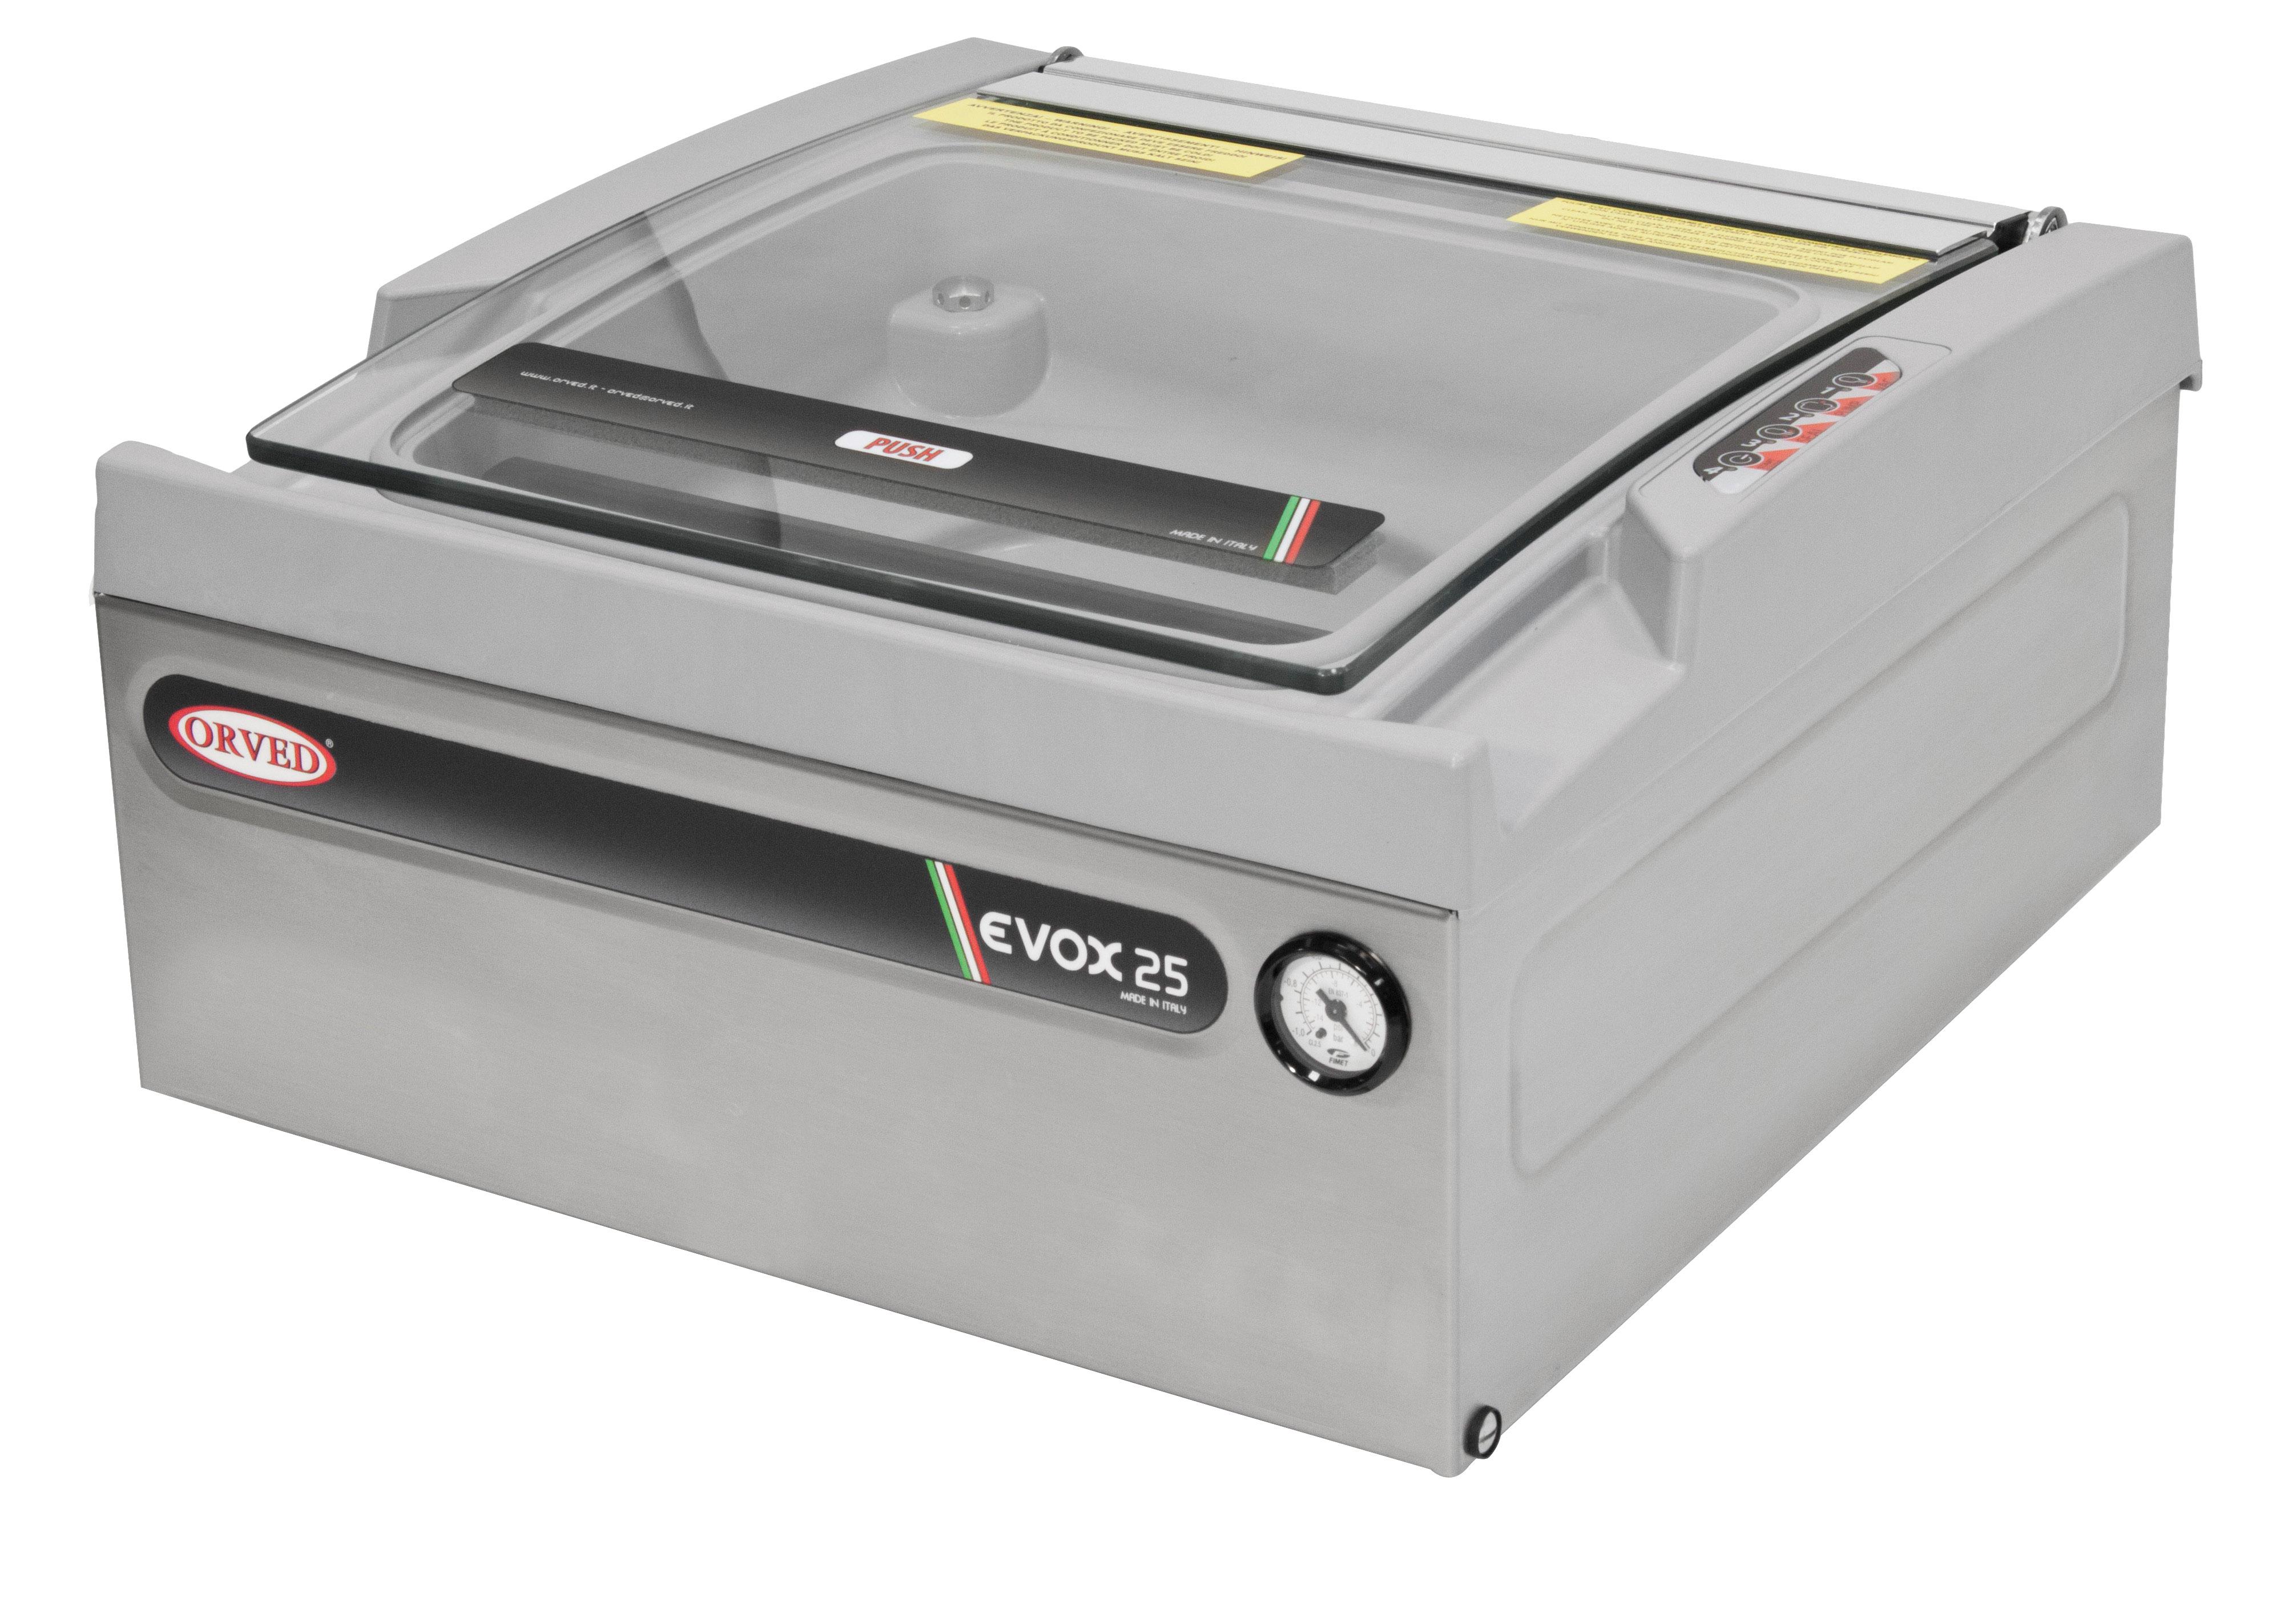 VACUUM PACK MACHINE - EVOX 25